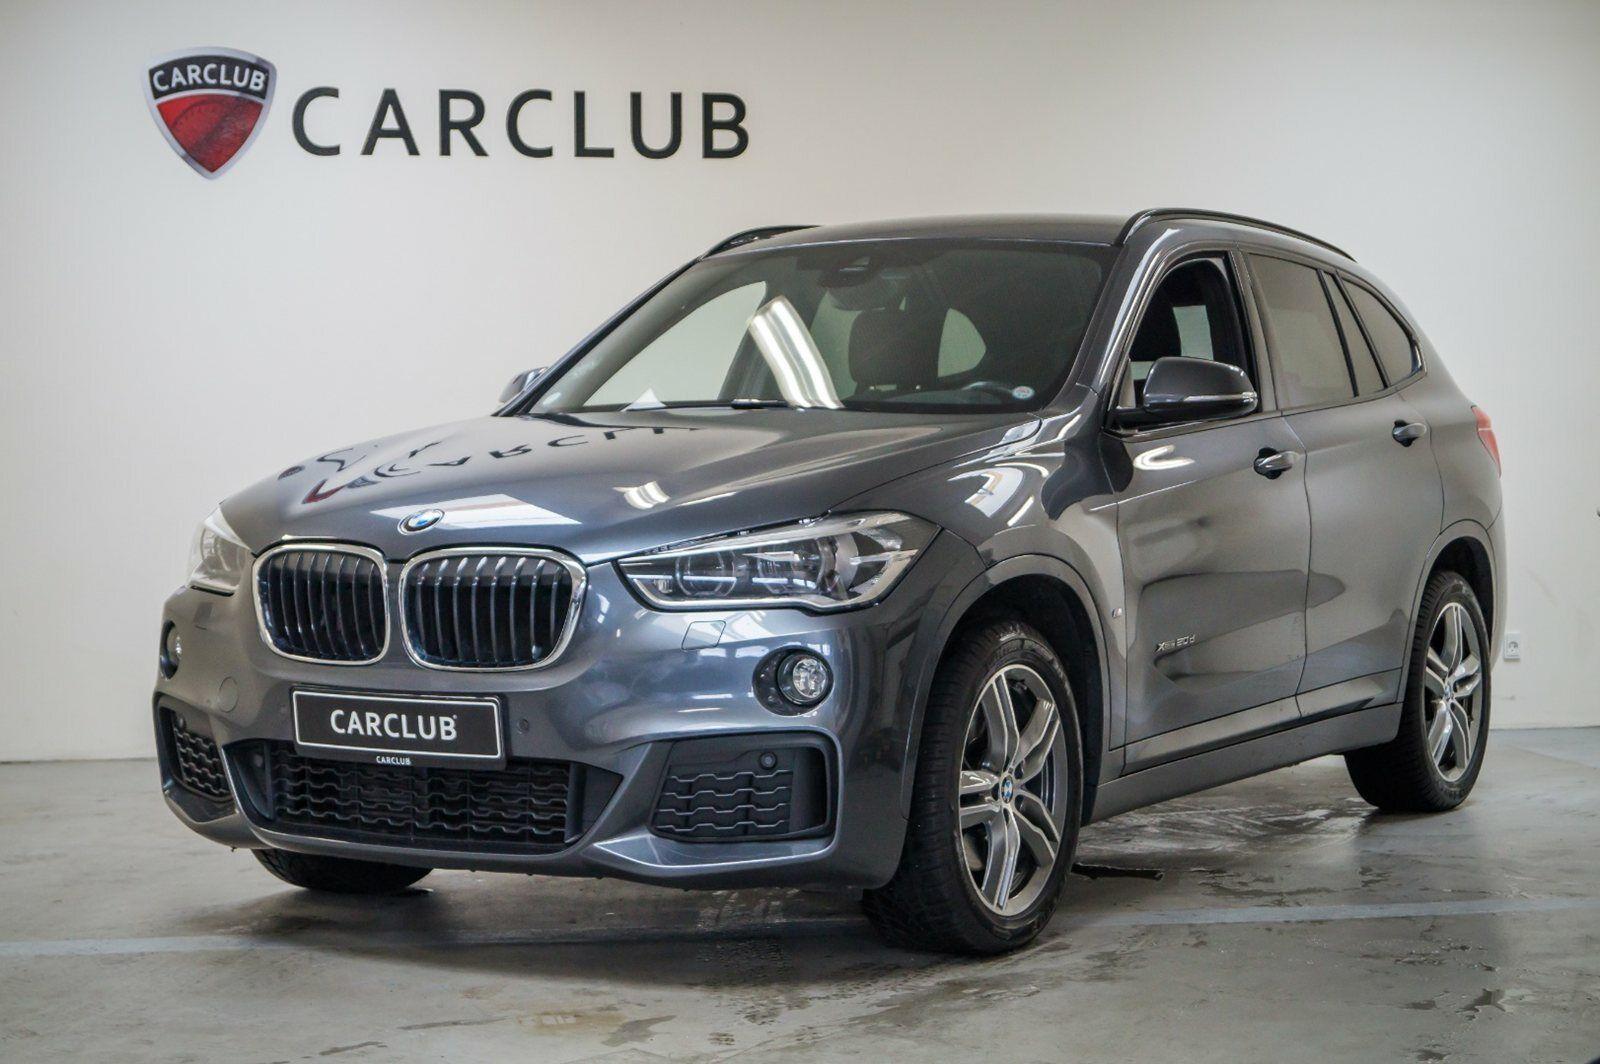 BMW X1 2,0 xDrive20d aut. 5d - 459.900 kr.